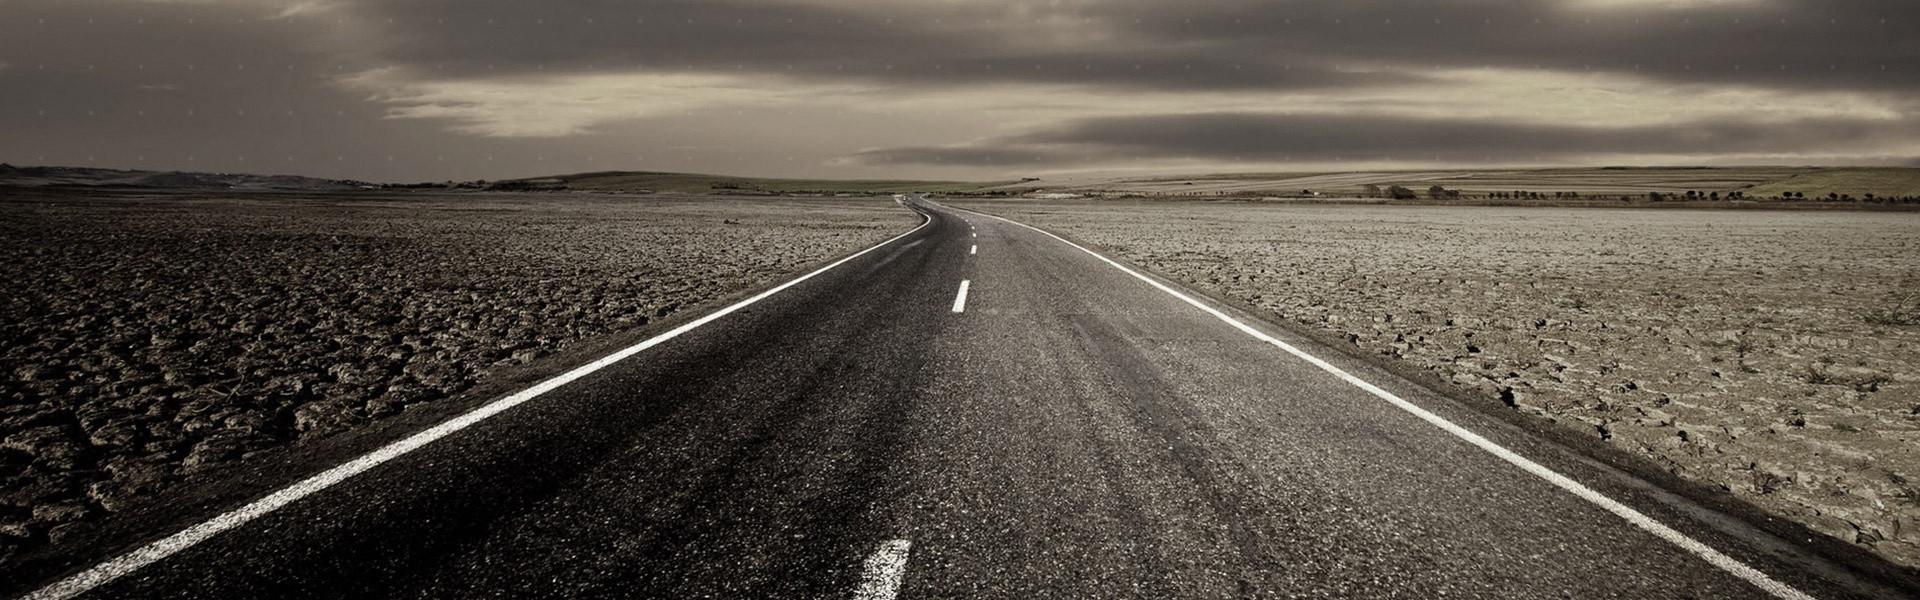 停車時にも最高峰の安全性能を提供するD-air road。